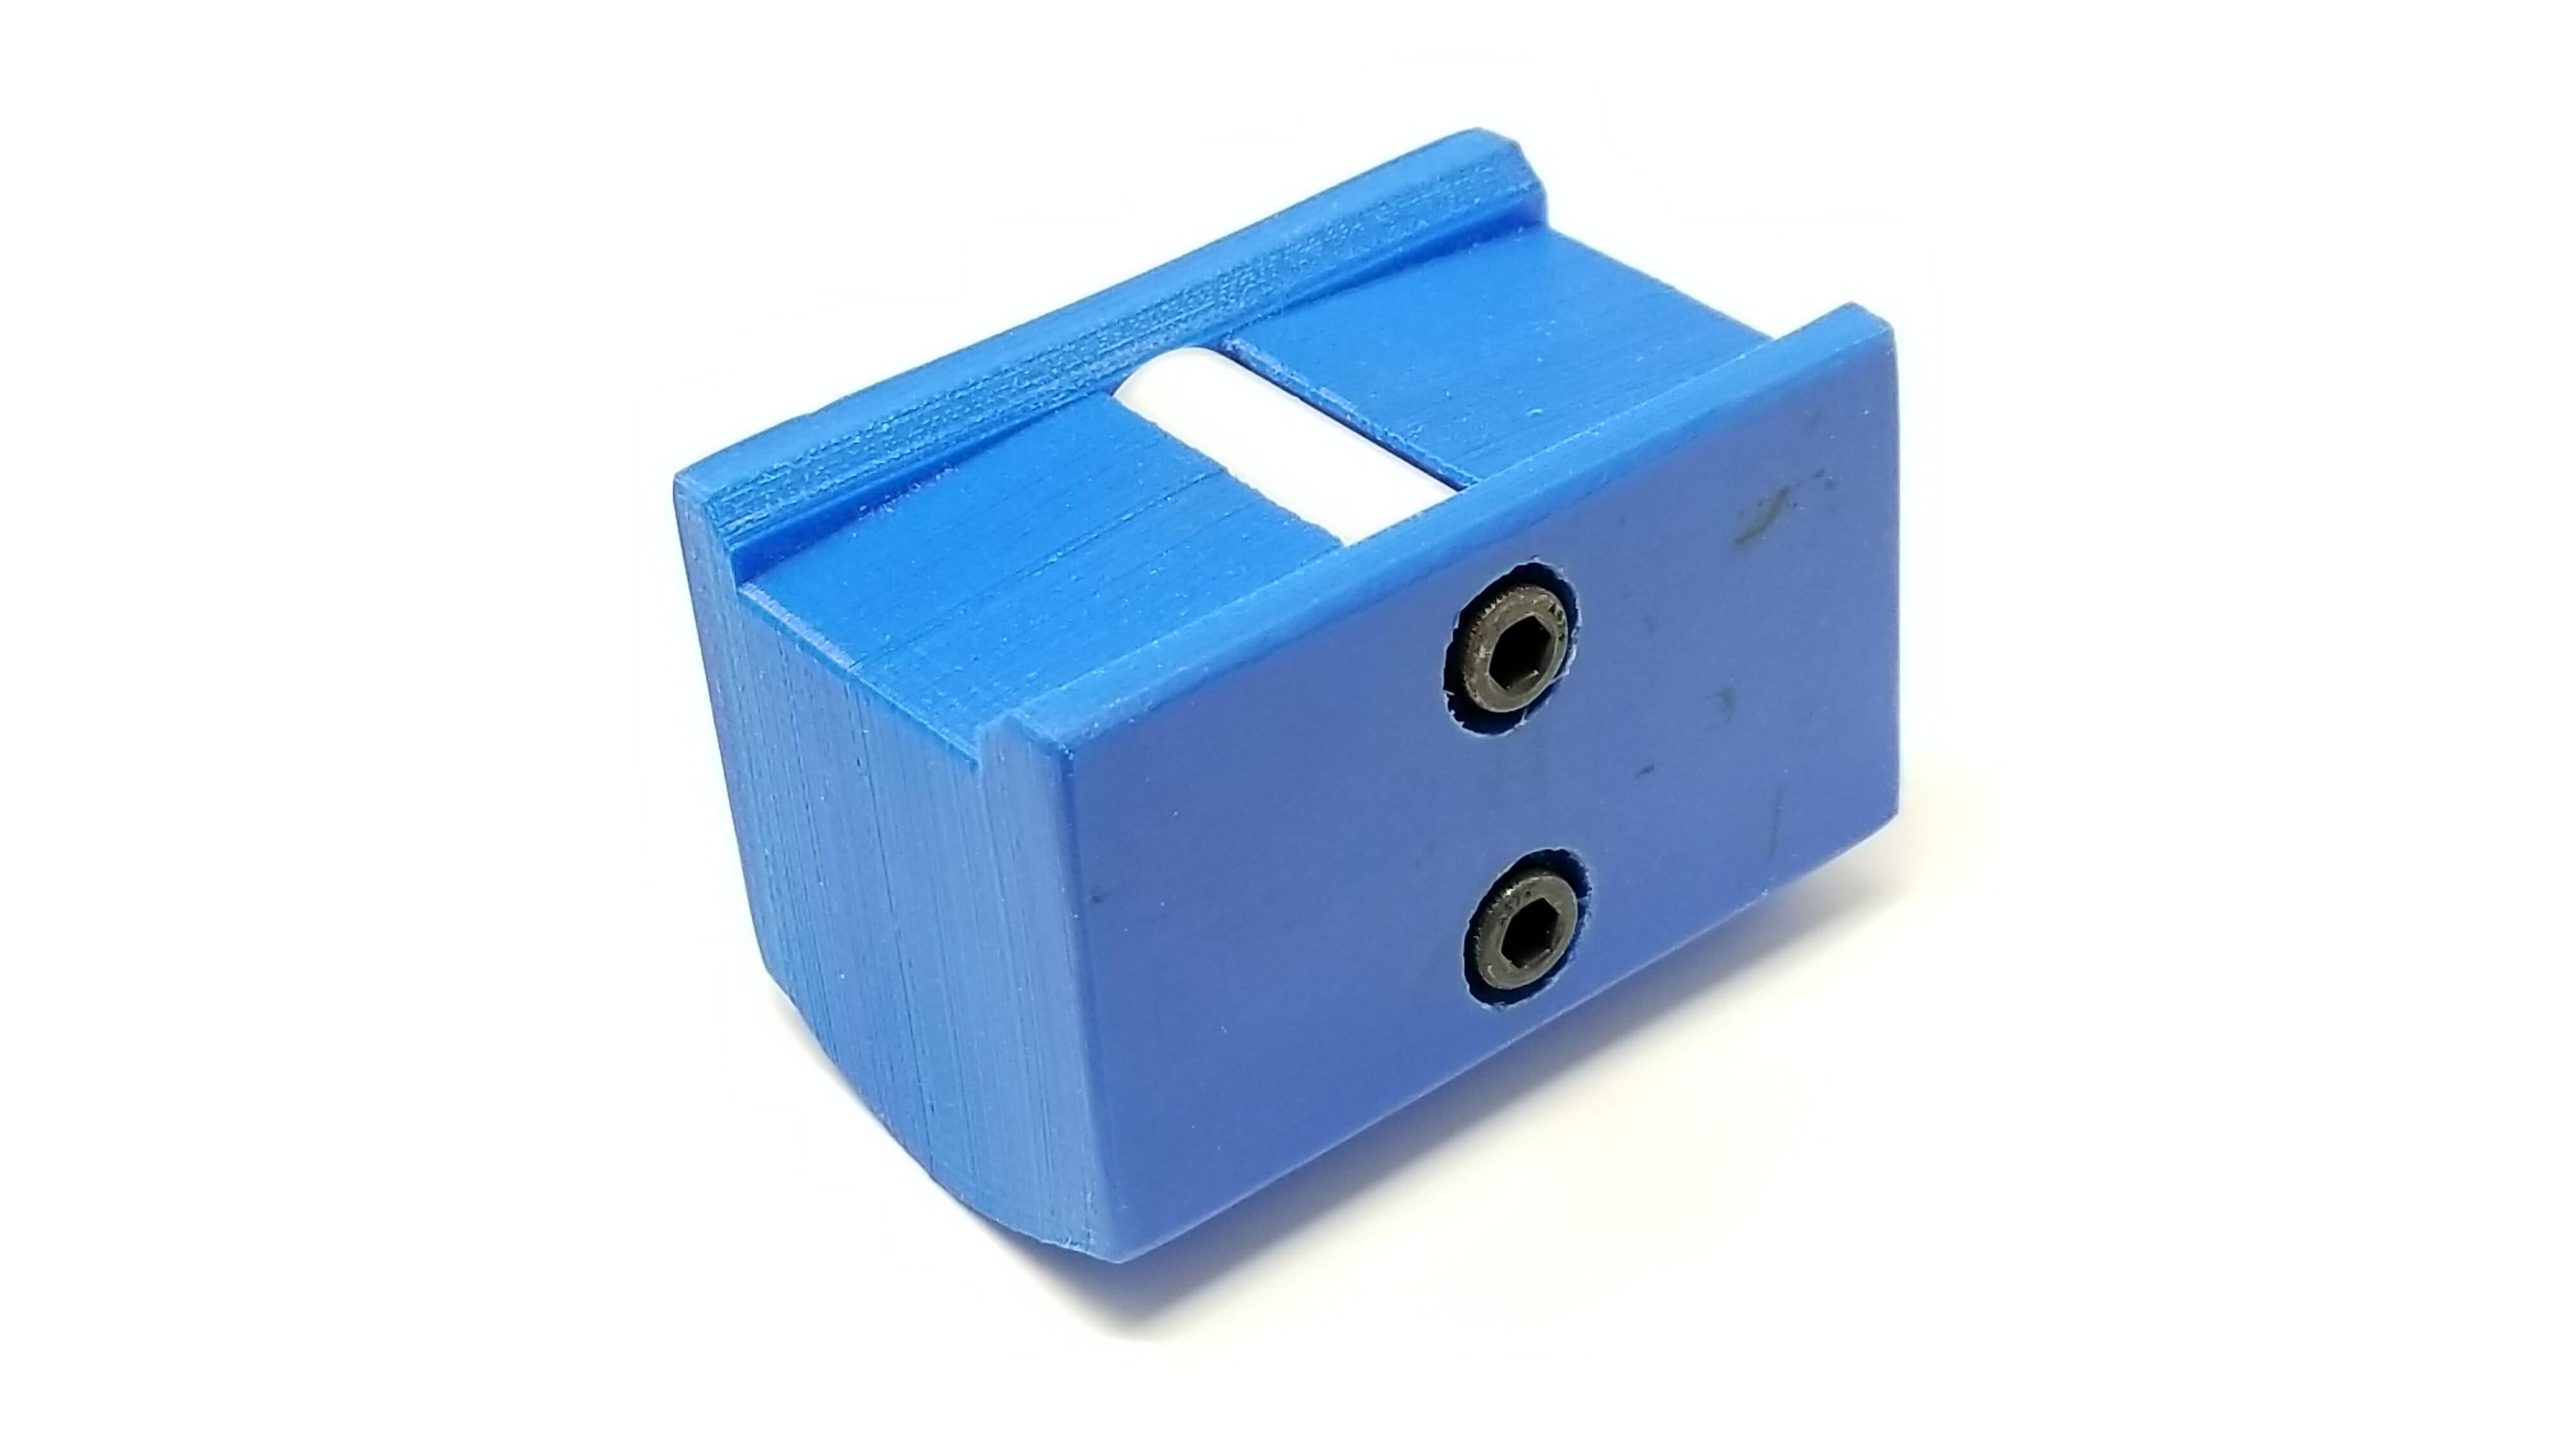 3d-printed-parts-3d-printed-materials Stratsys FDM part hand tools, Part Design for 3D Printing